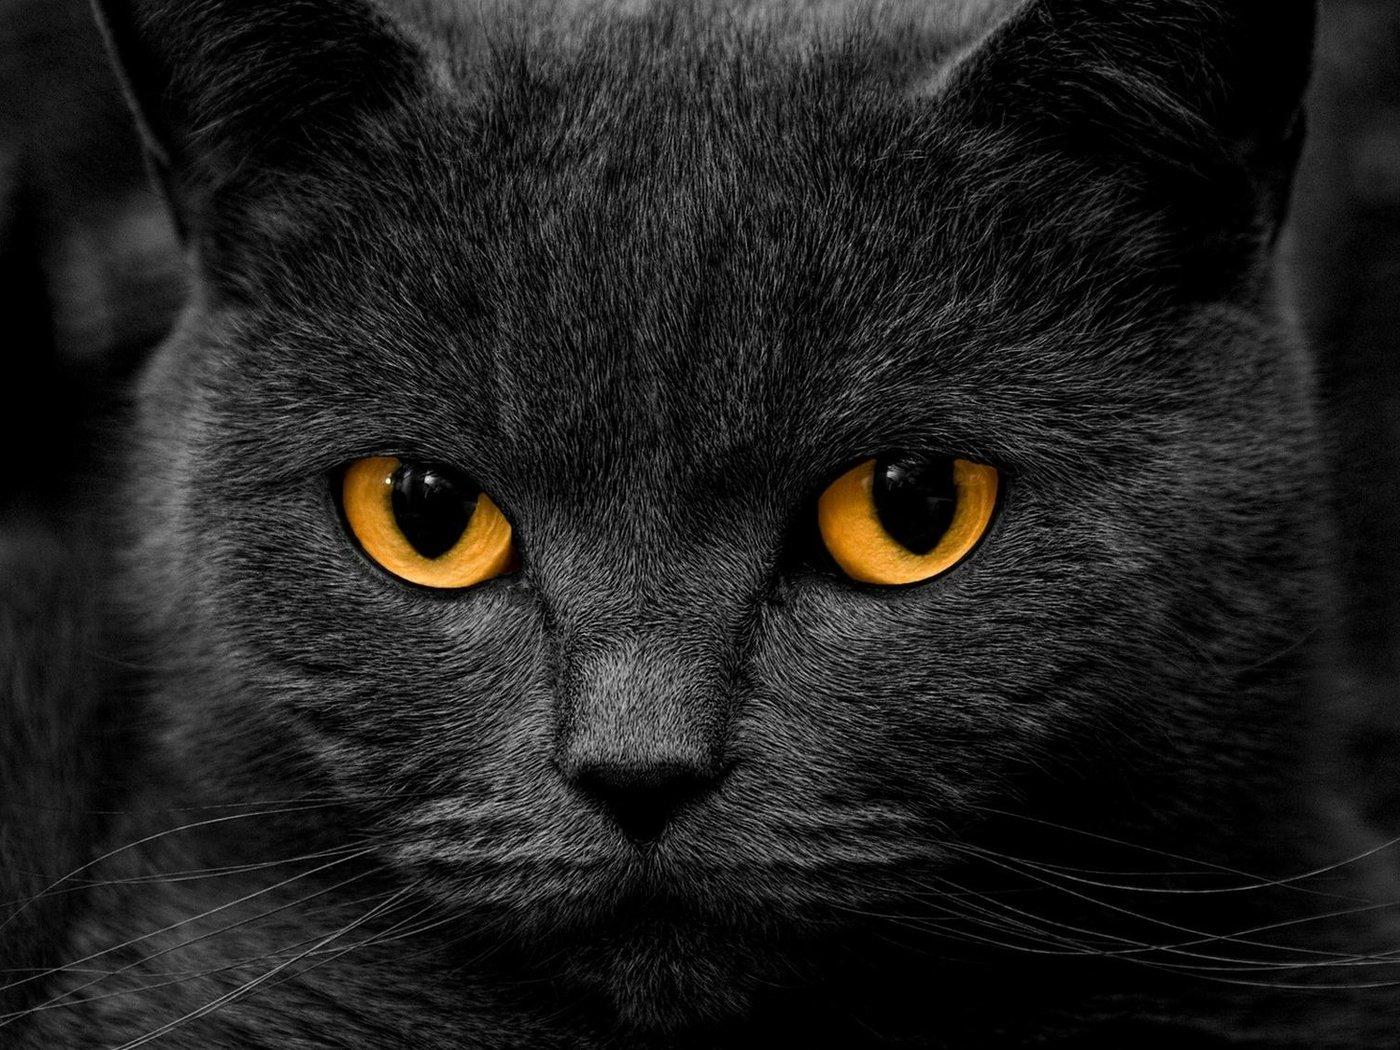 обои на рабочий стол черная кошка с зелеными глазами № 174243  скачать